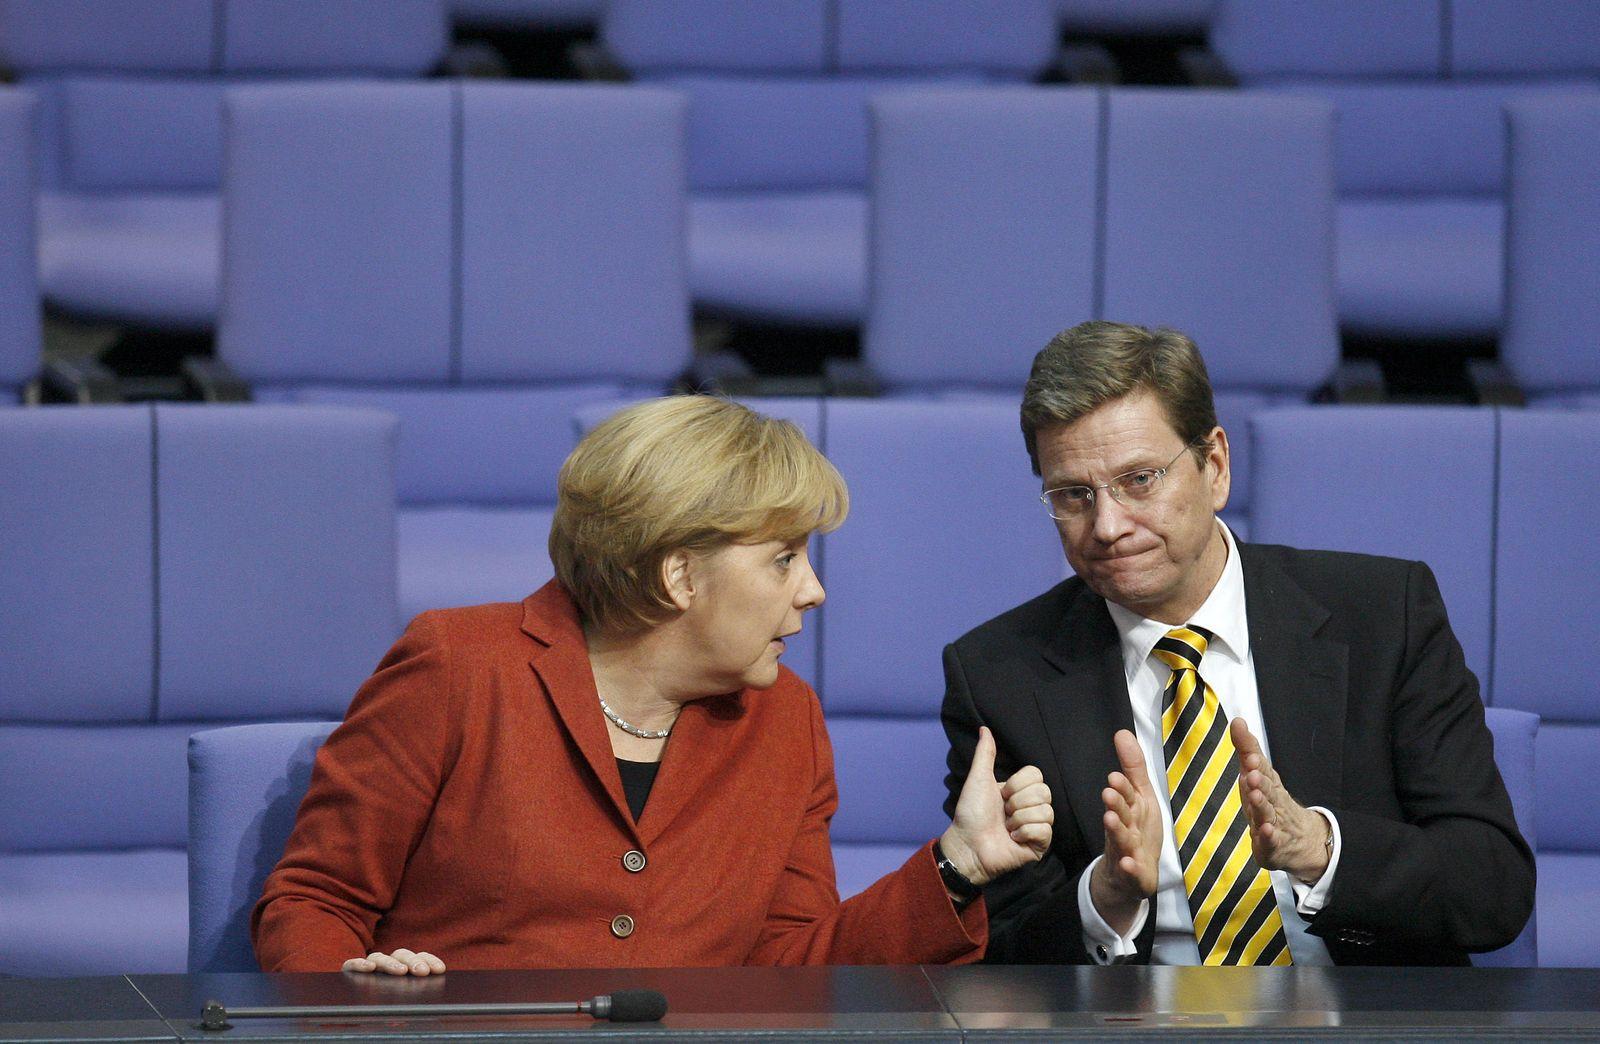 Merkel/ Westerwelle/ Bundestag